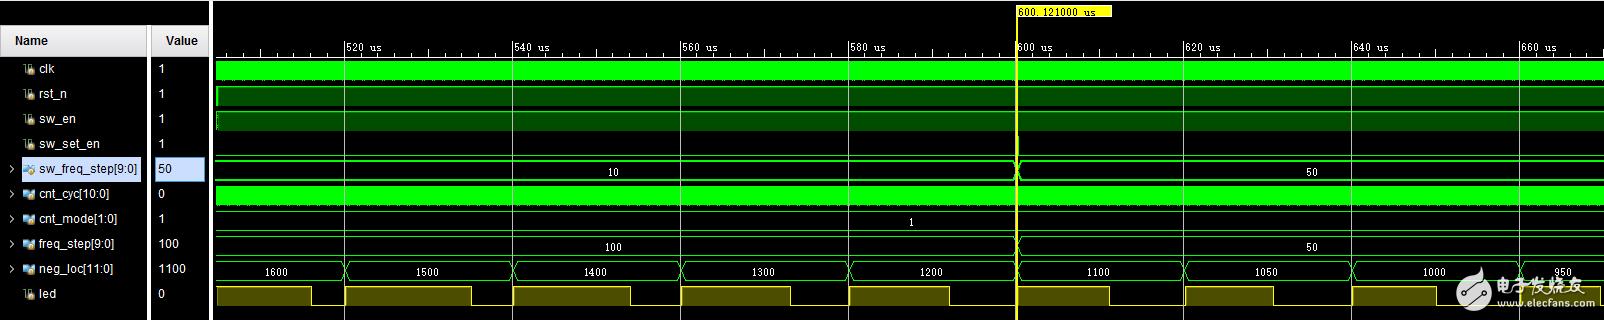 ZYNQ自定义AXI总线IP应用 ――PWM实现呼吸灯效果你竟然会拥有神府